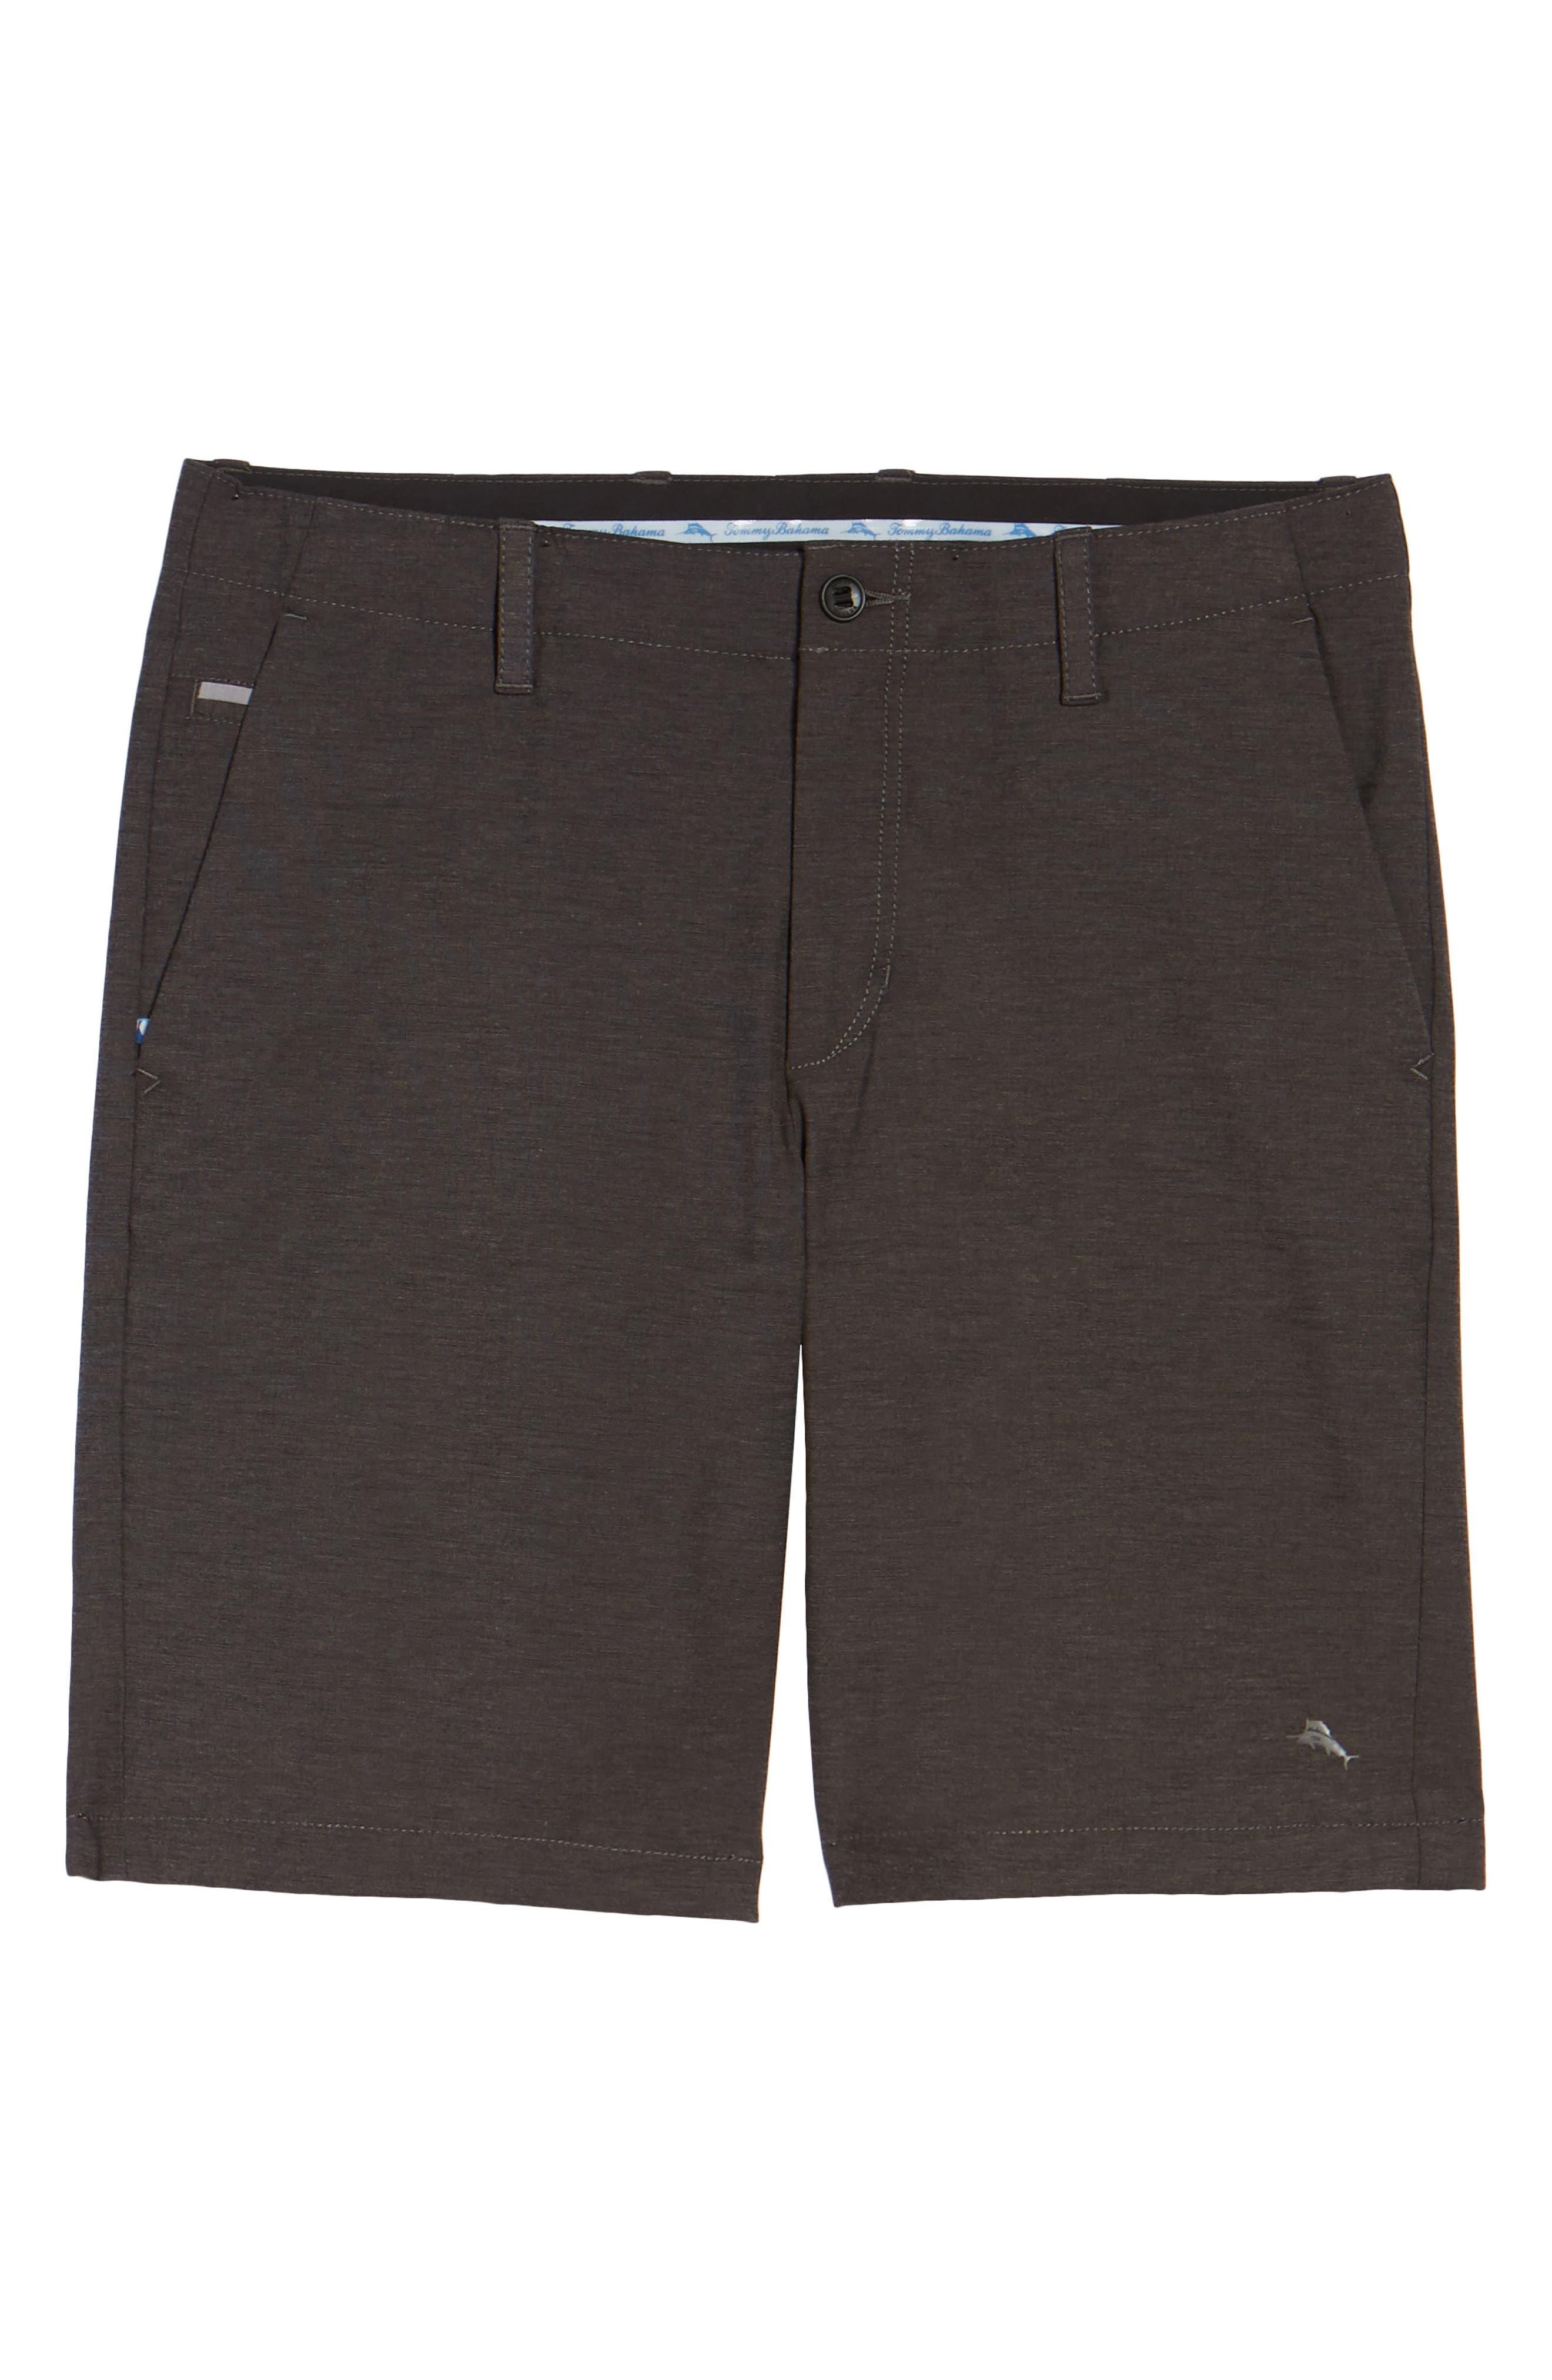 Chip & Run Shorts,                             Alternate thumbnail 6, color,                             BLACK